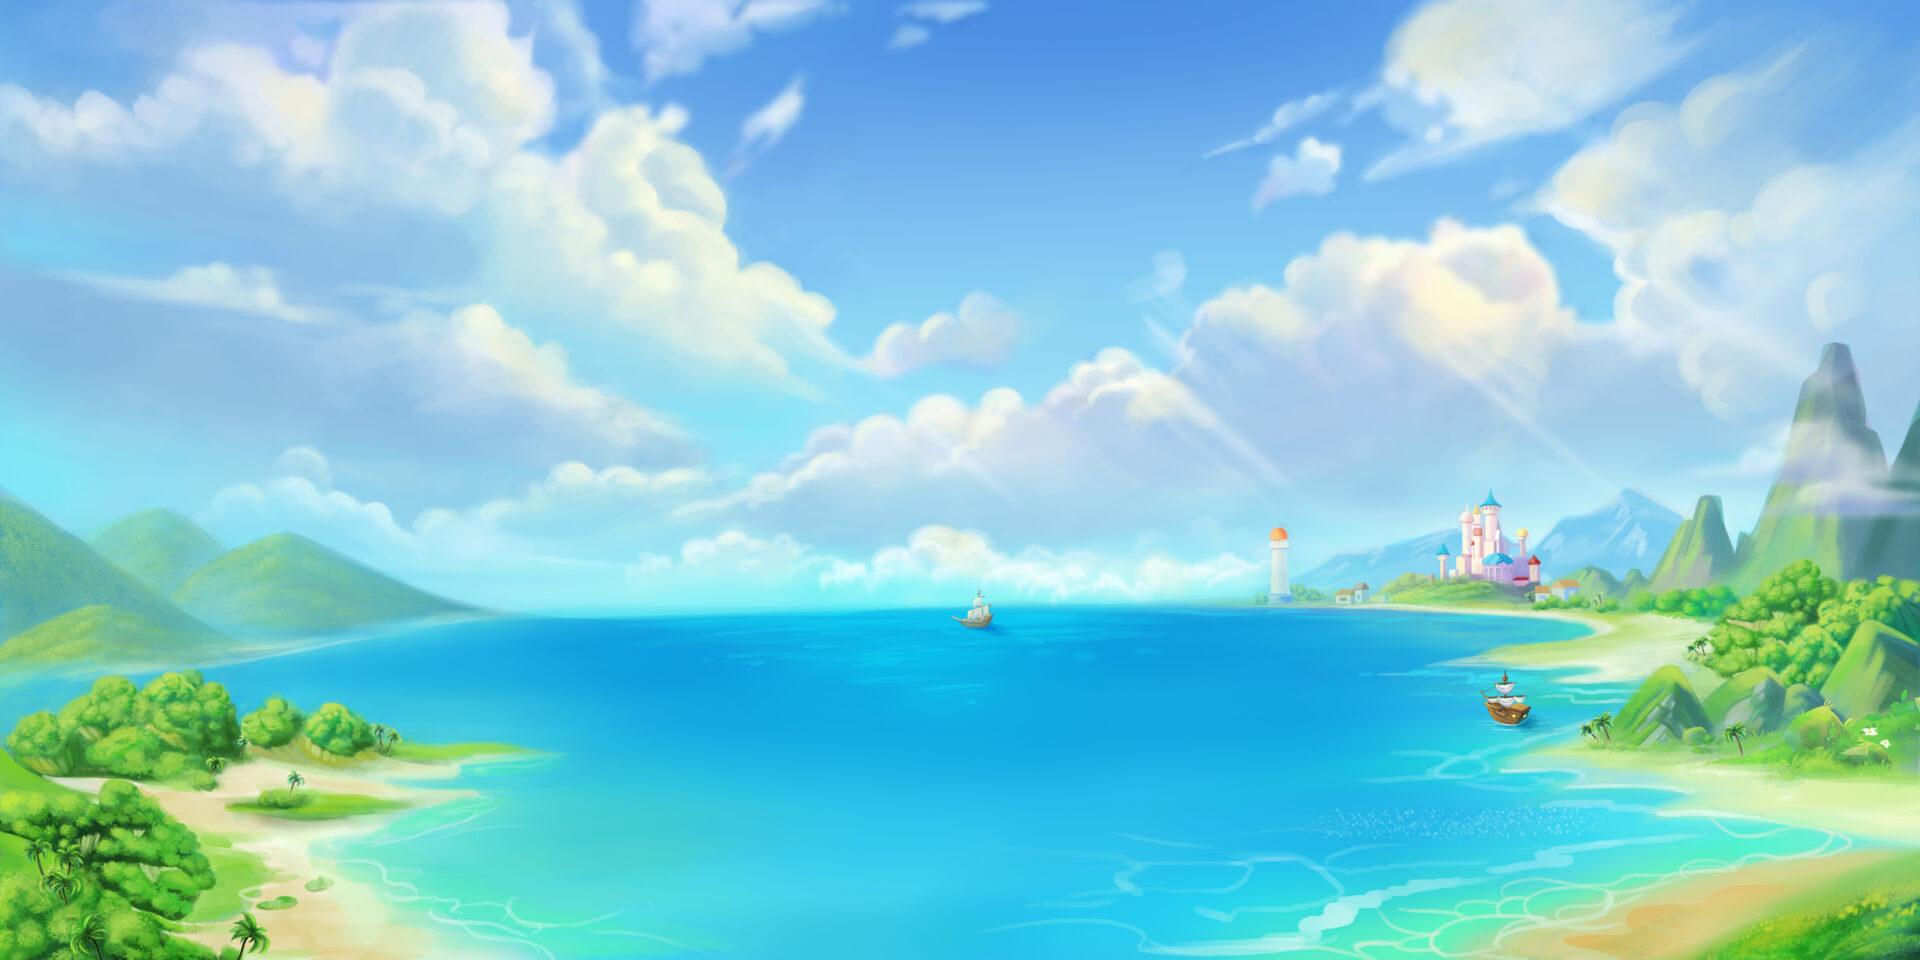 希望・綺麗な景色